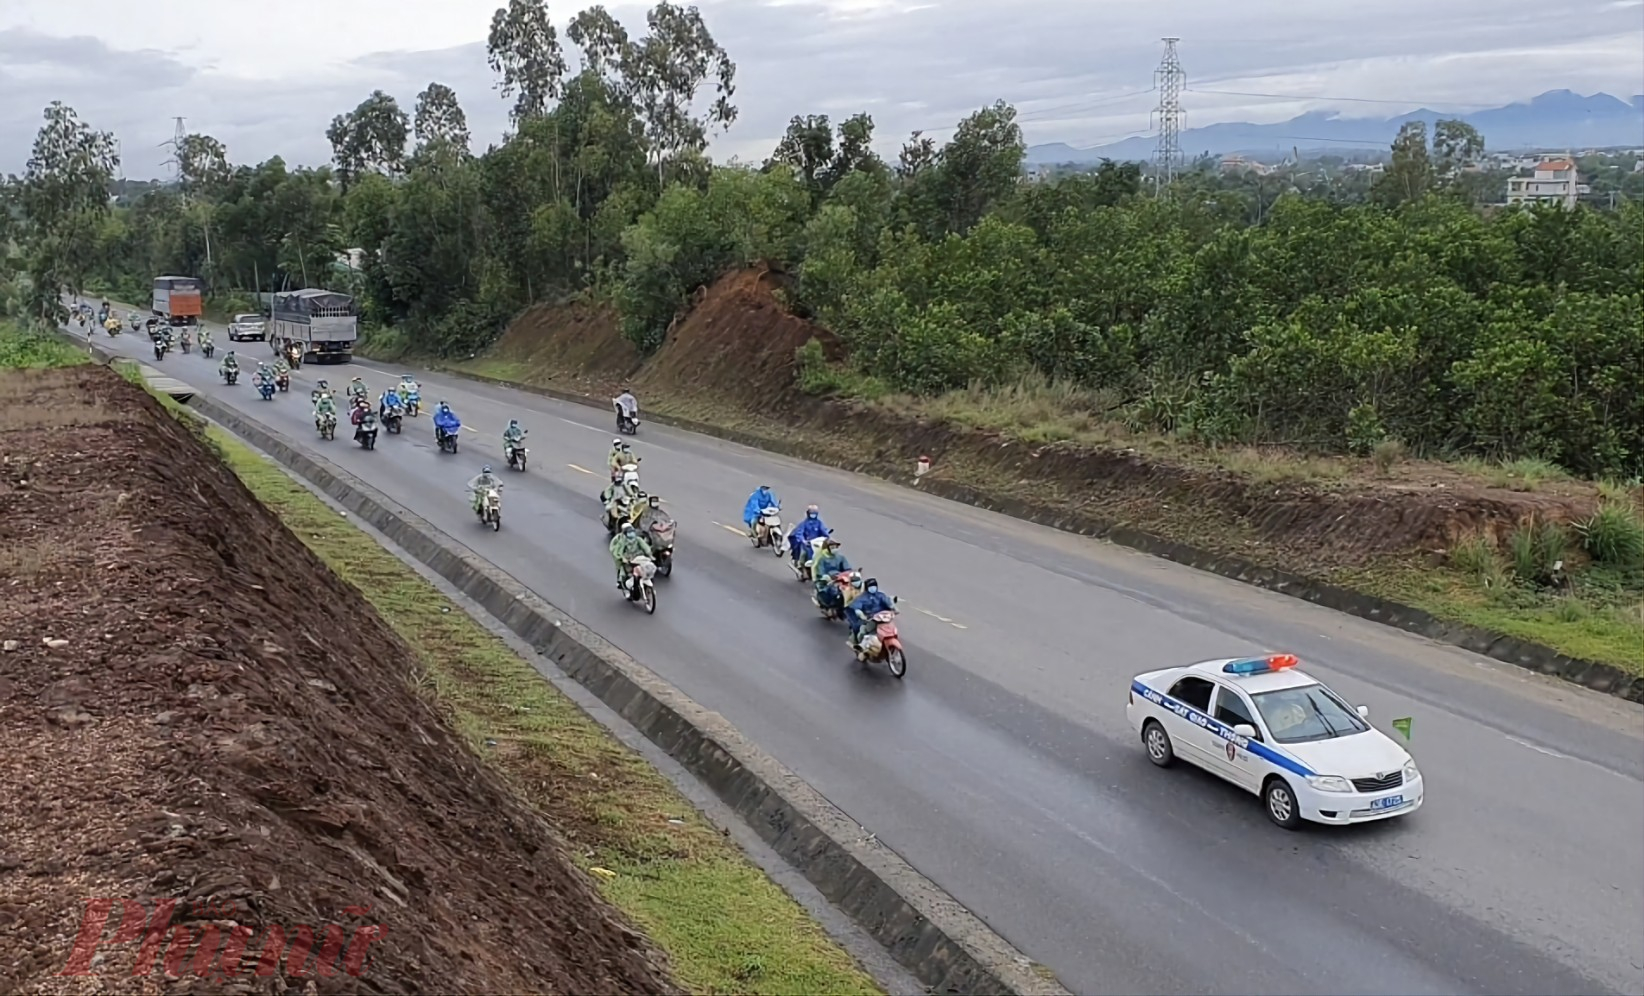 CSGT Đà Nẵng dẫn đoàn người hồi hương đi qua địa phận thành phố